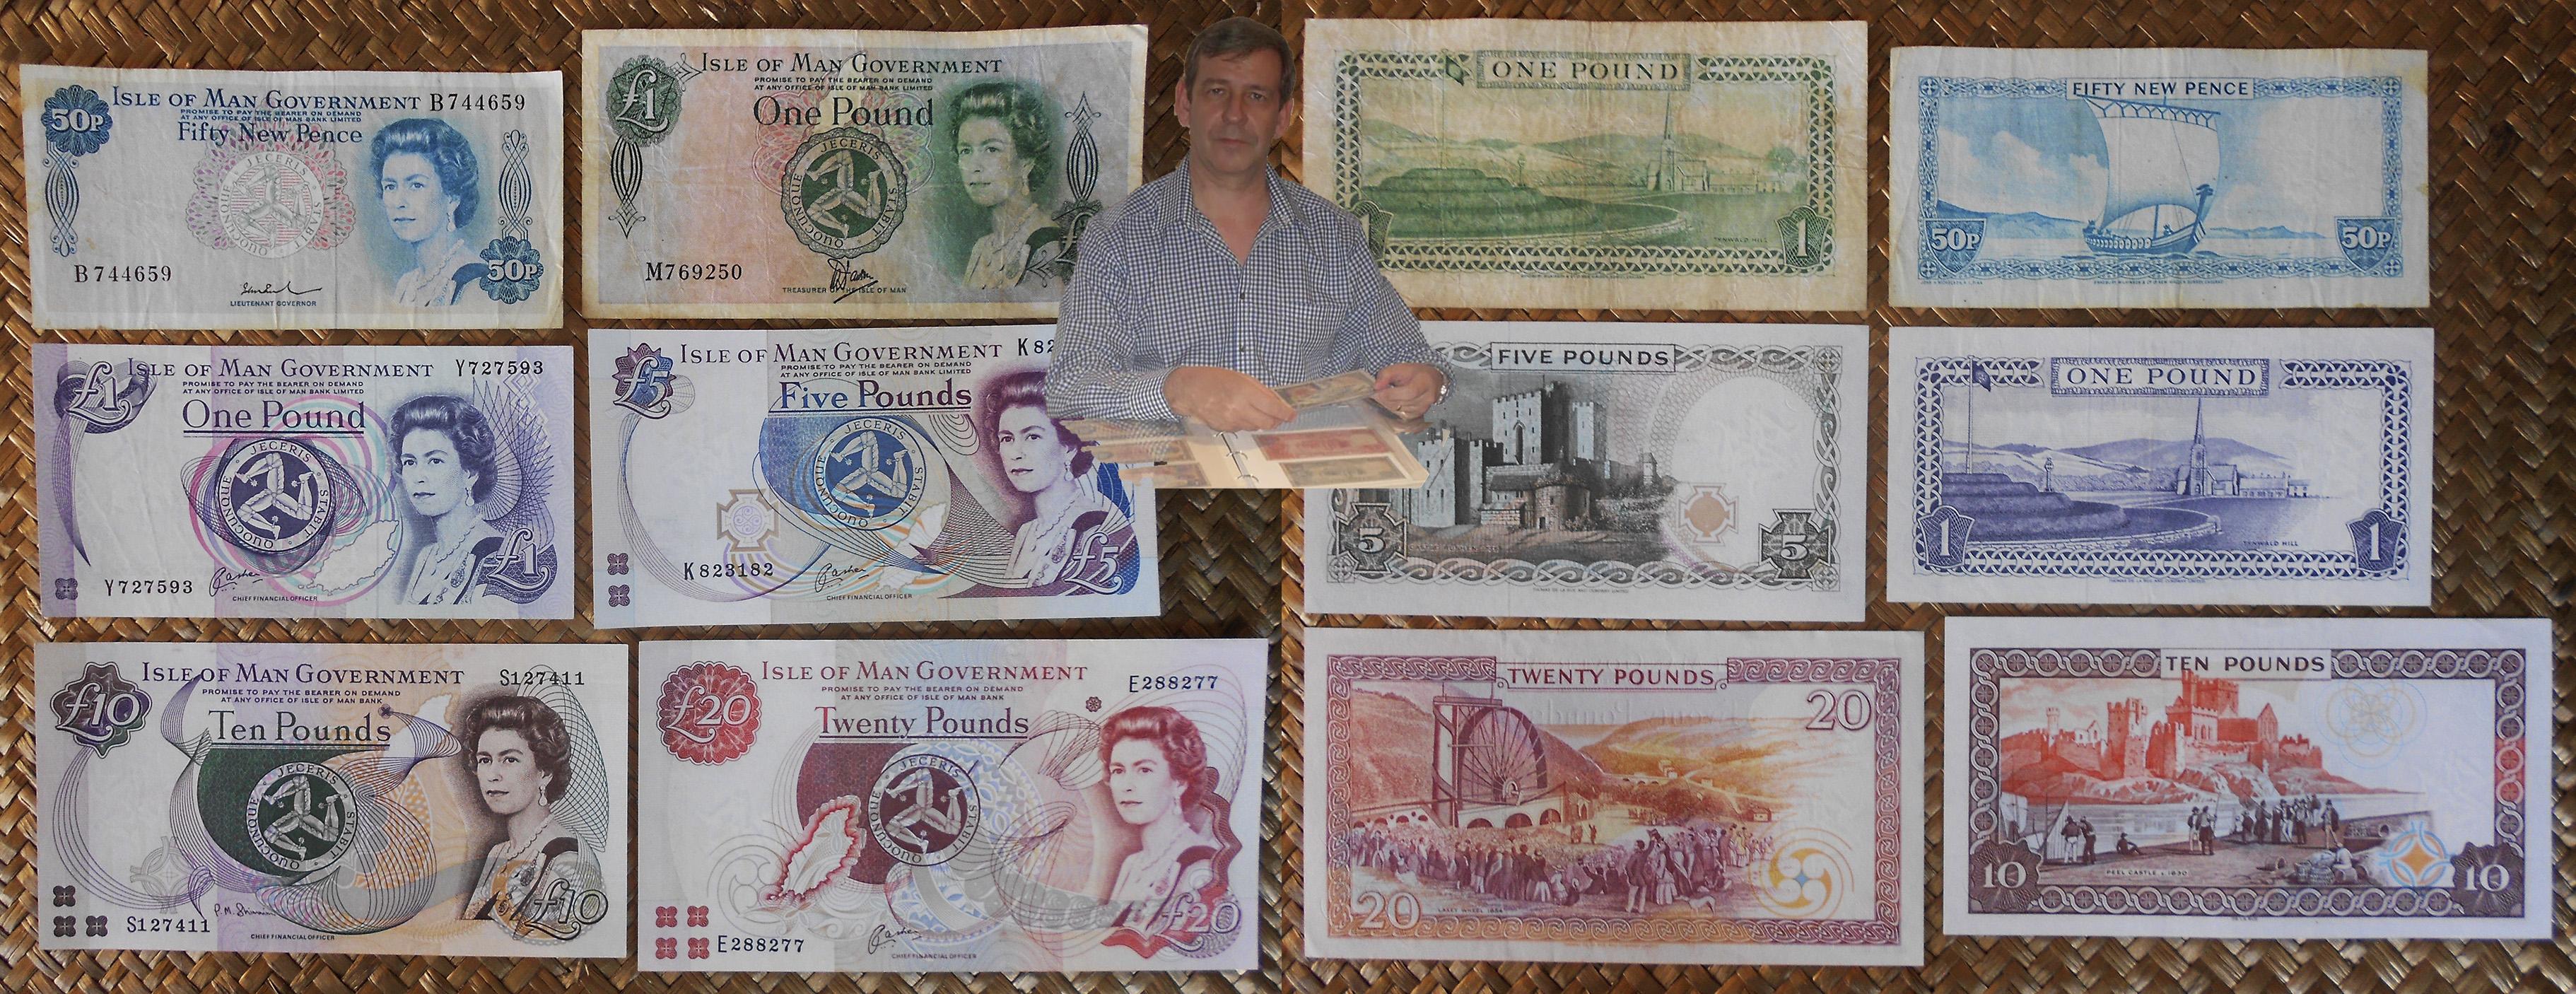 Isla de Man serie pence y pounds años '70-'80-'90 s.XX Isabel II anversos y reversos